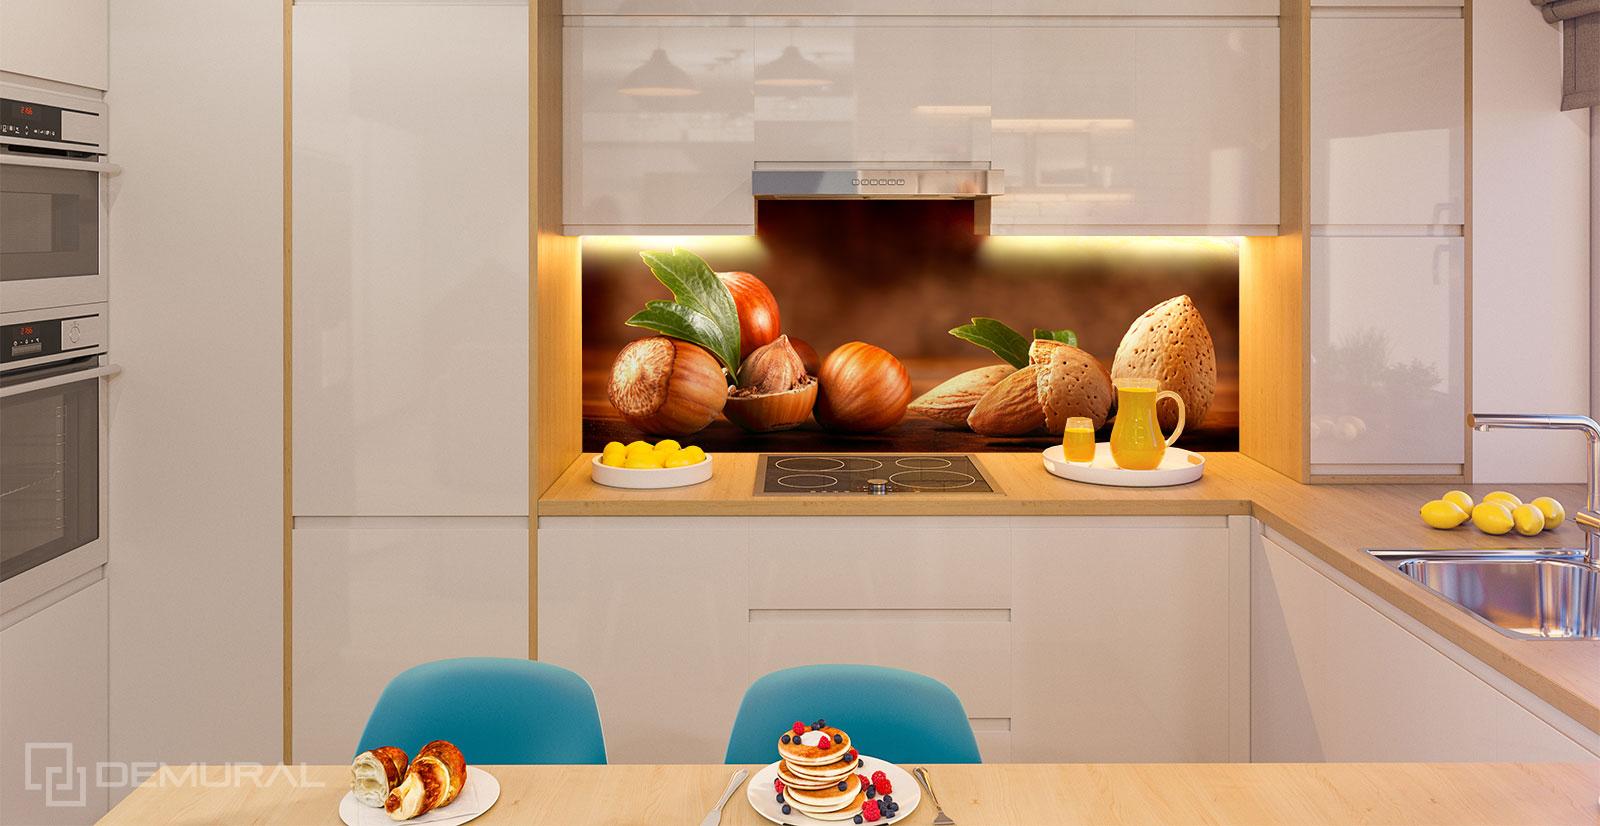 Fototapeta W twardej skorupce - Fototapety do małej kuchni